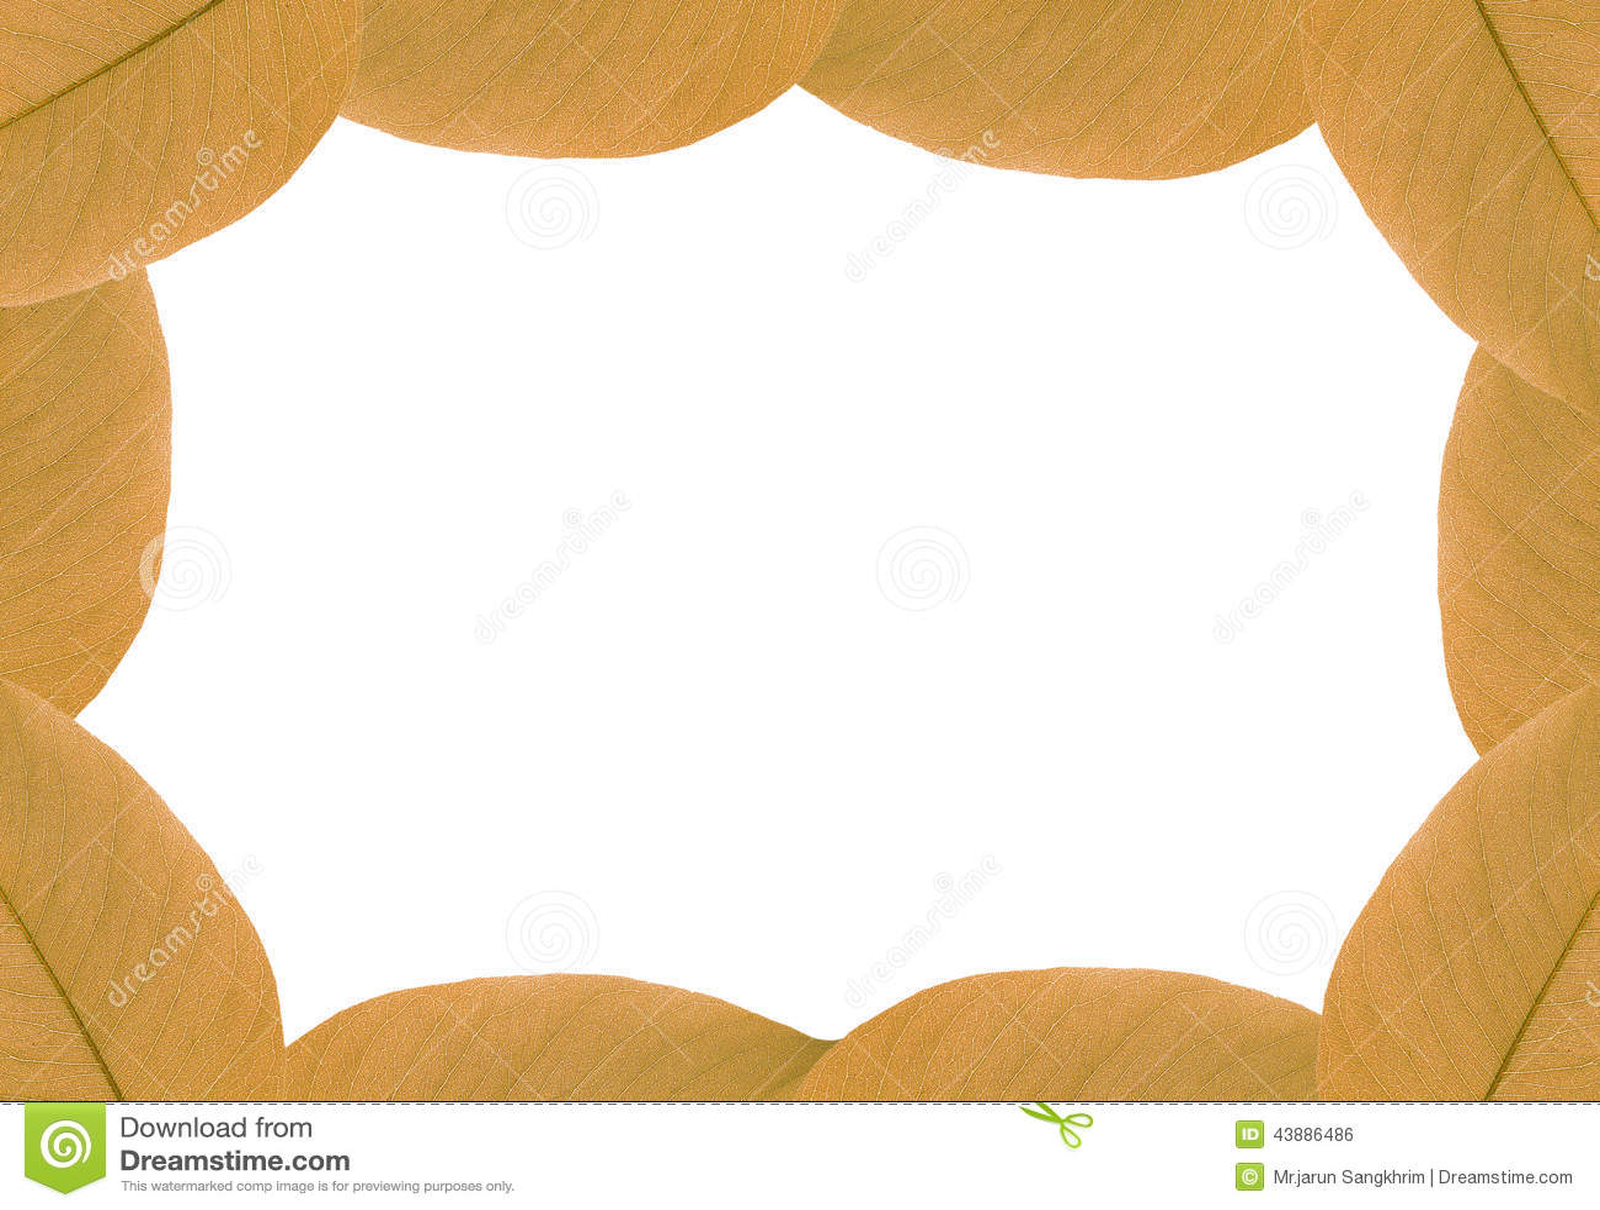 cassia fistula leaf stock image cartoondealercom 43885459